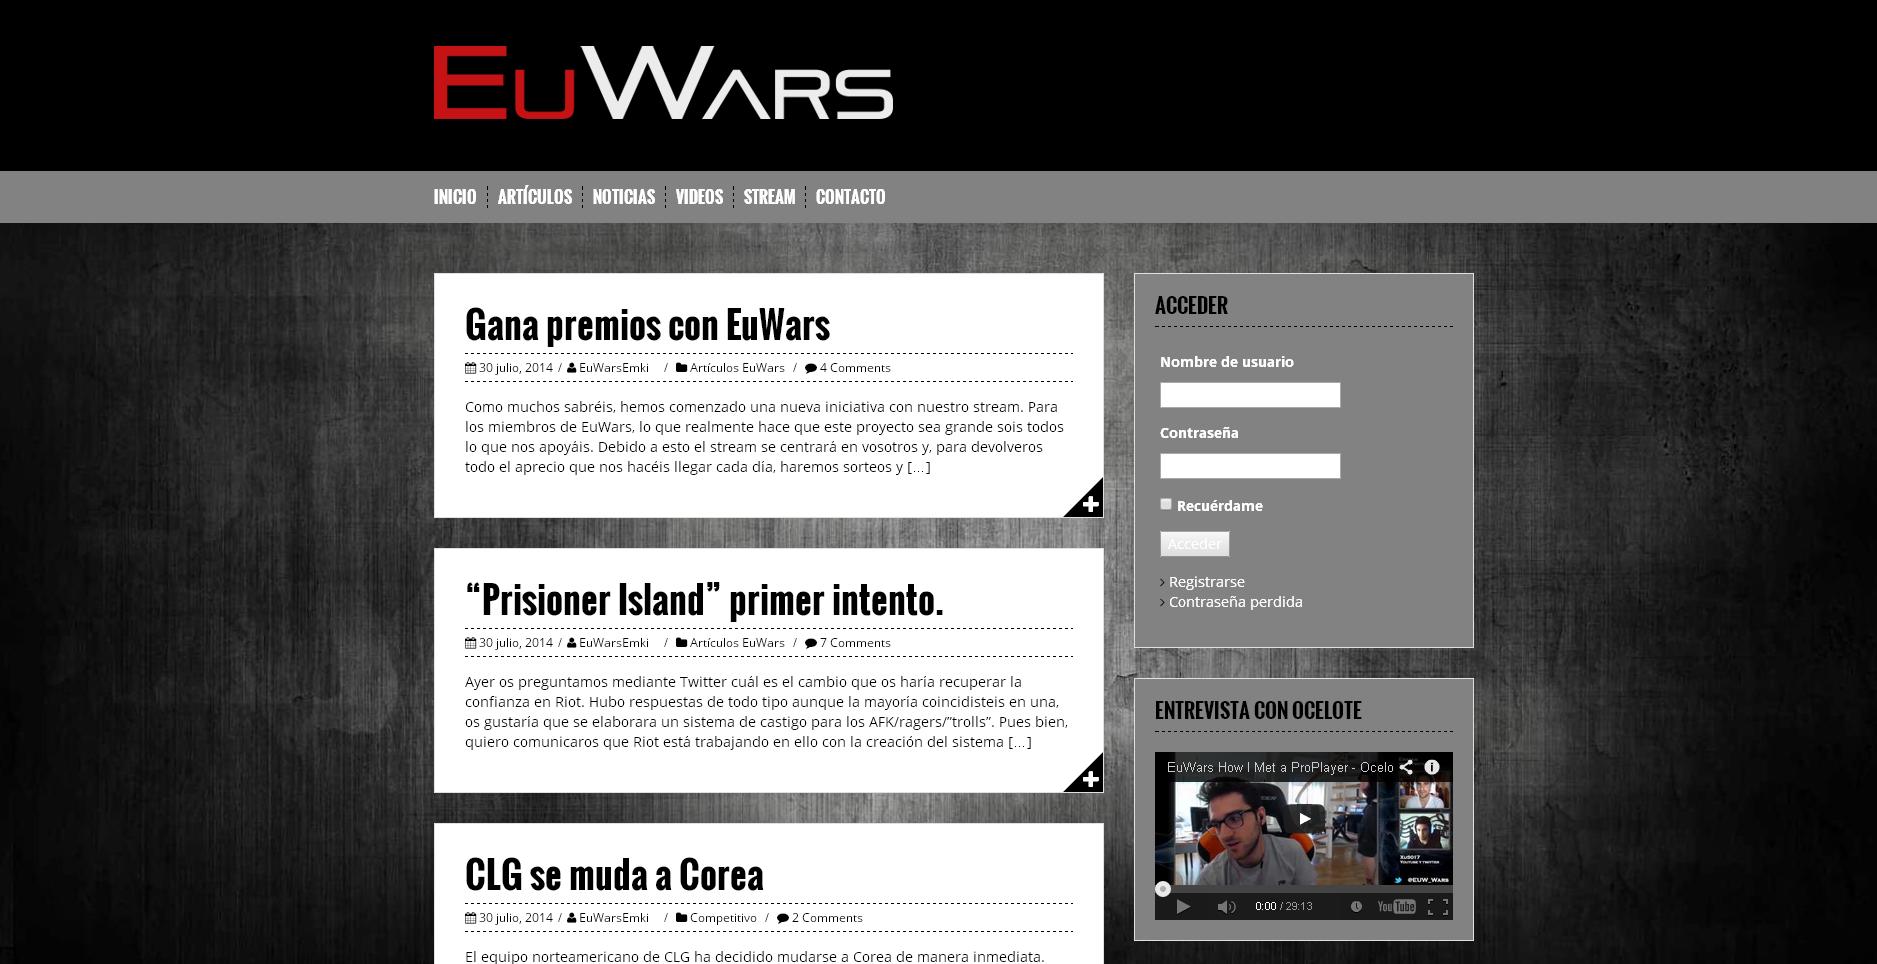 EUWars